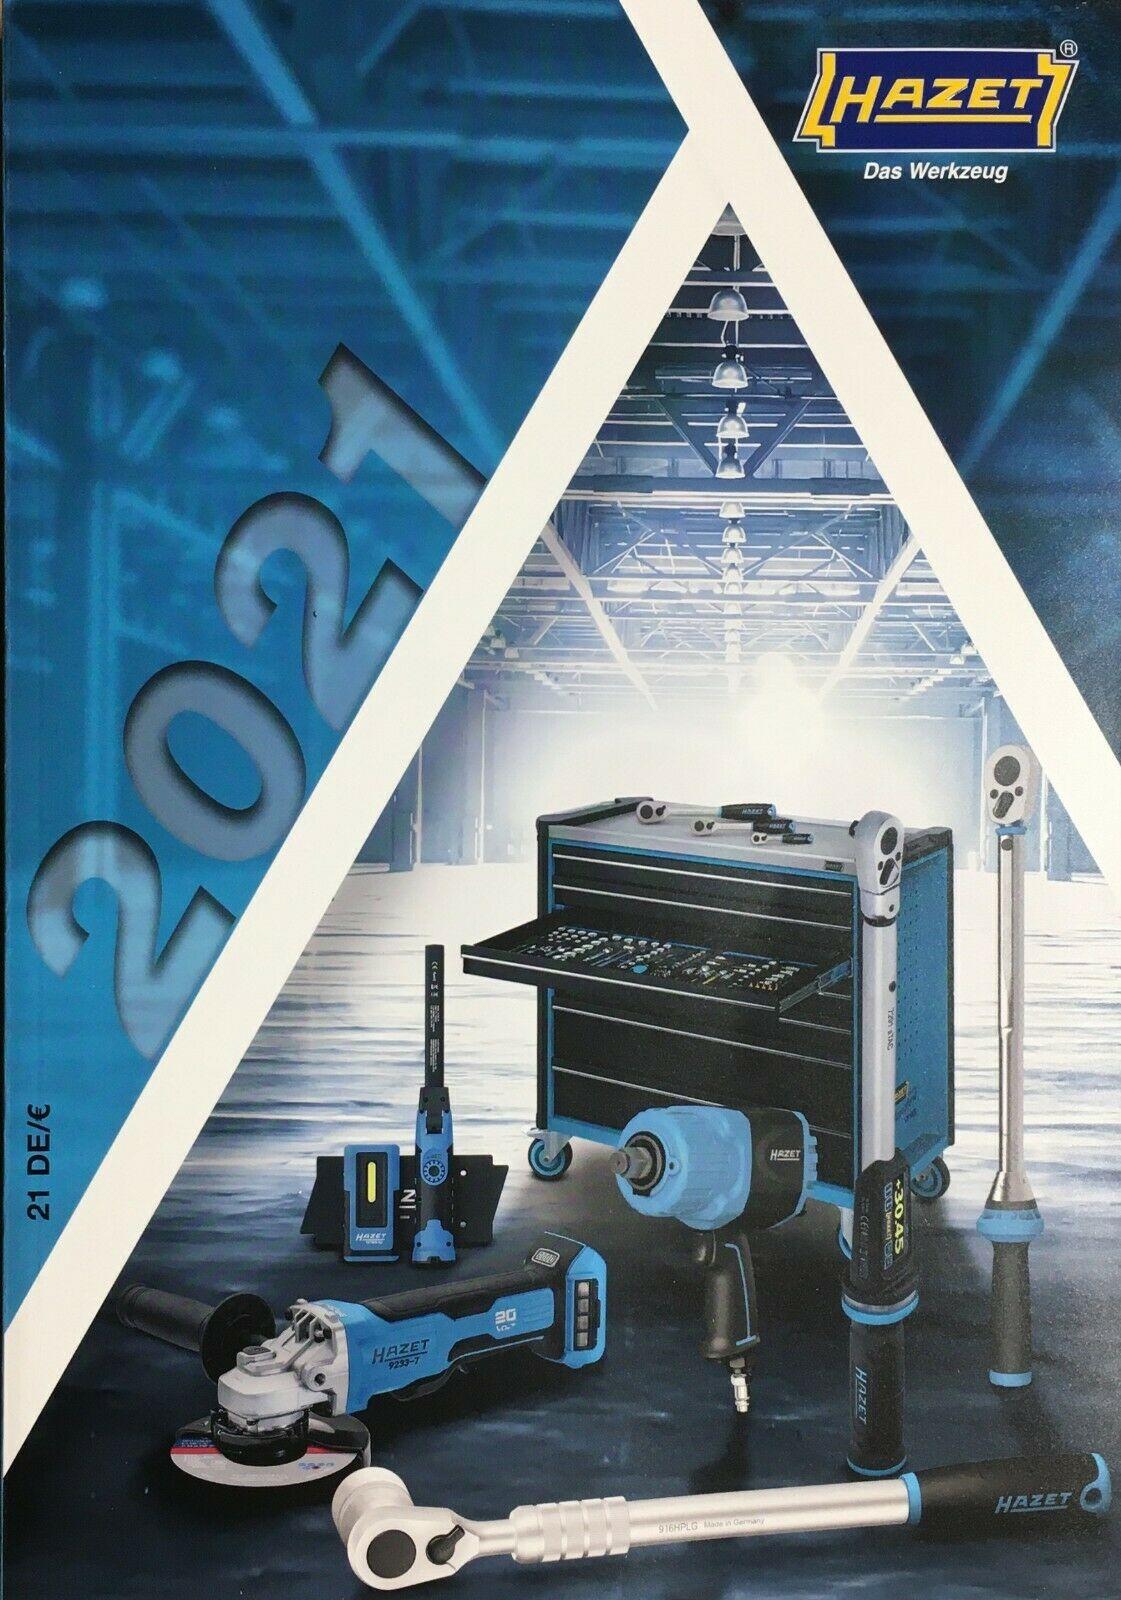 Hazet Gesamt Katalog 2021 Werkzeug Preise Handbuch 504 Seiten